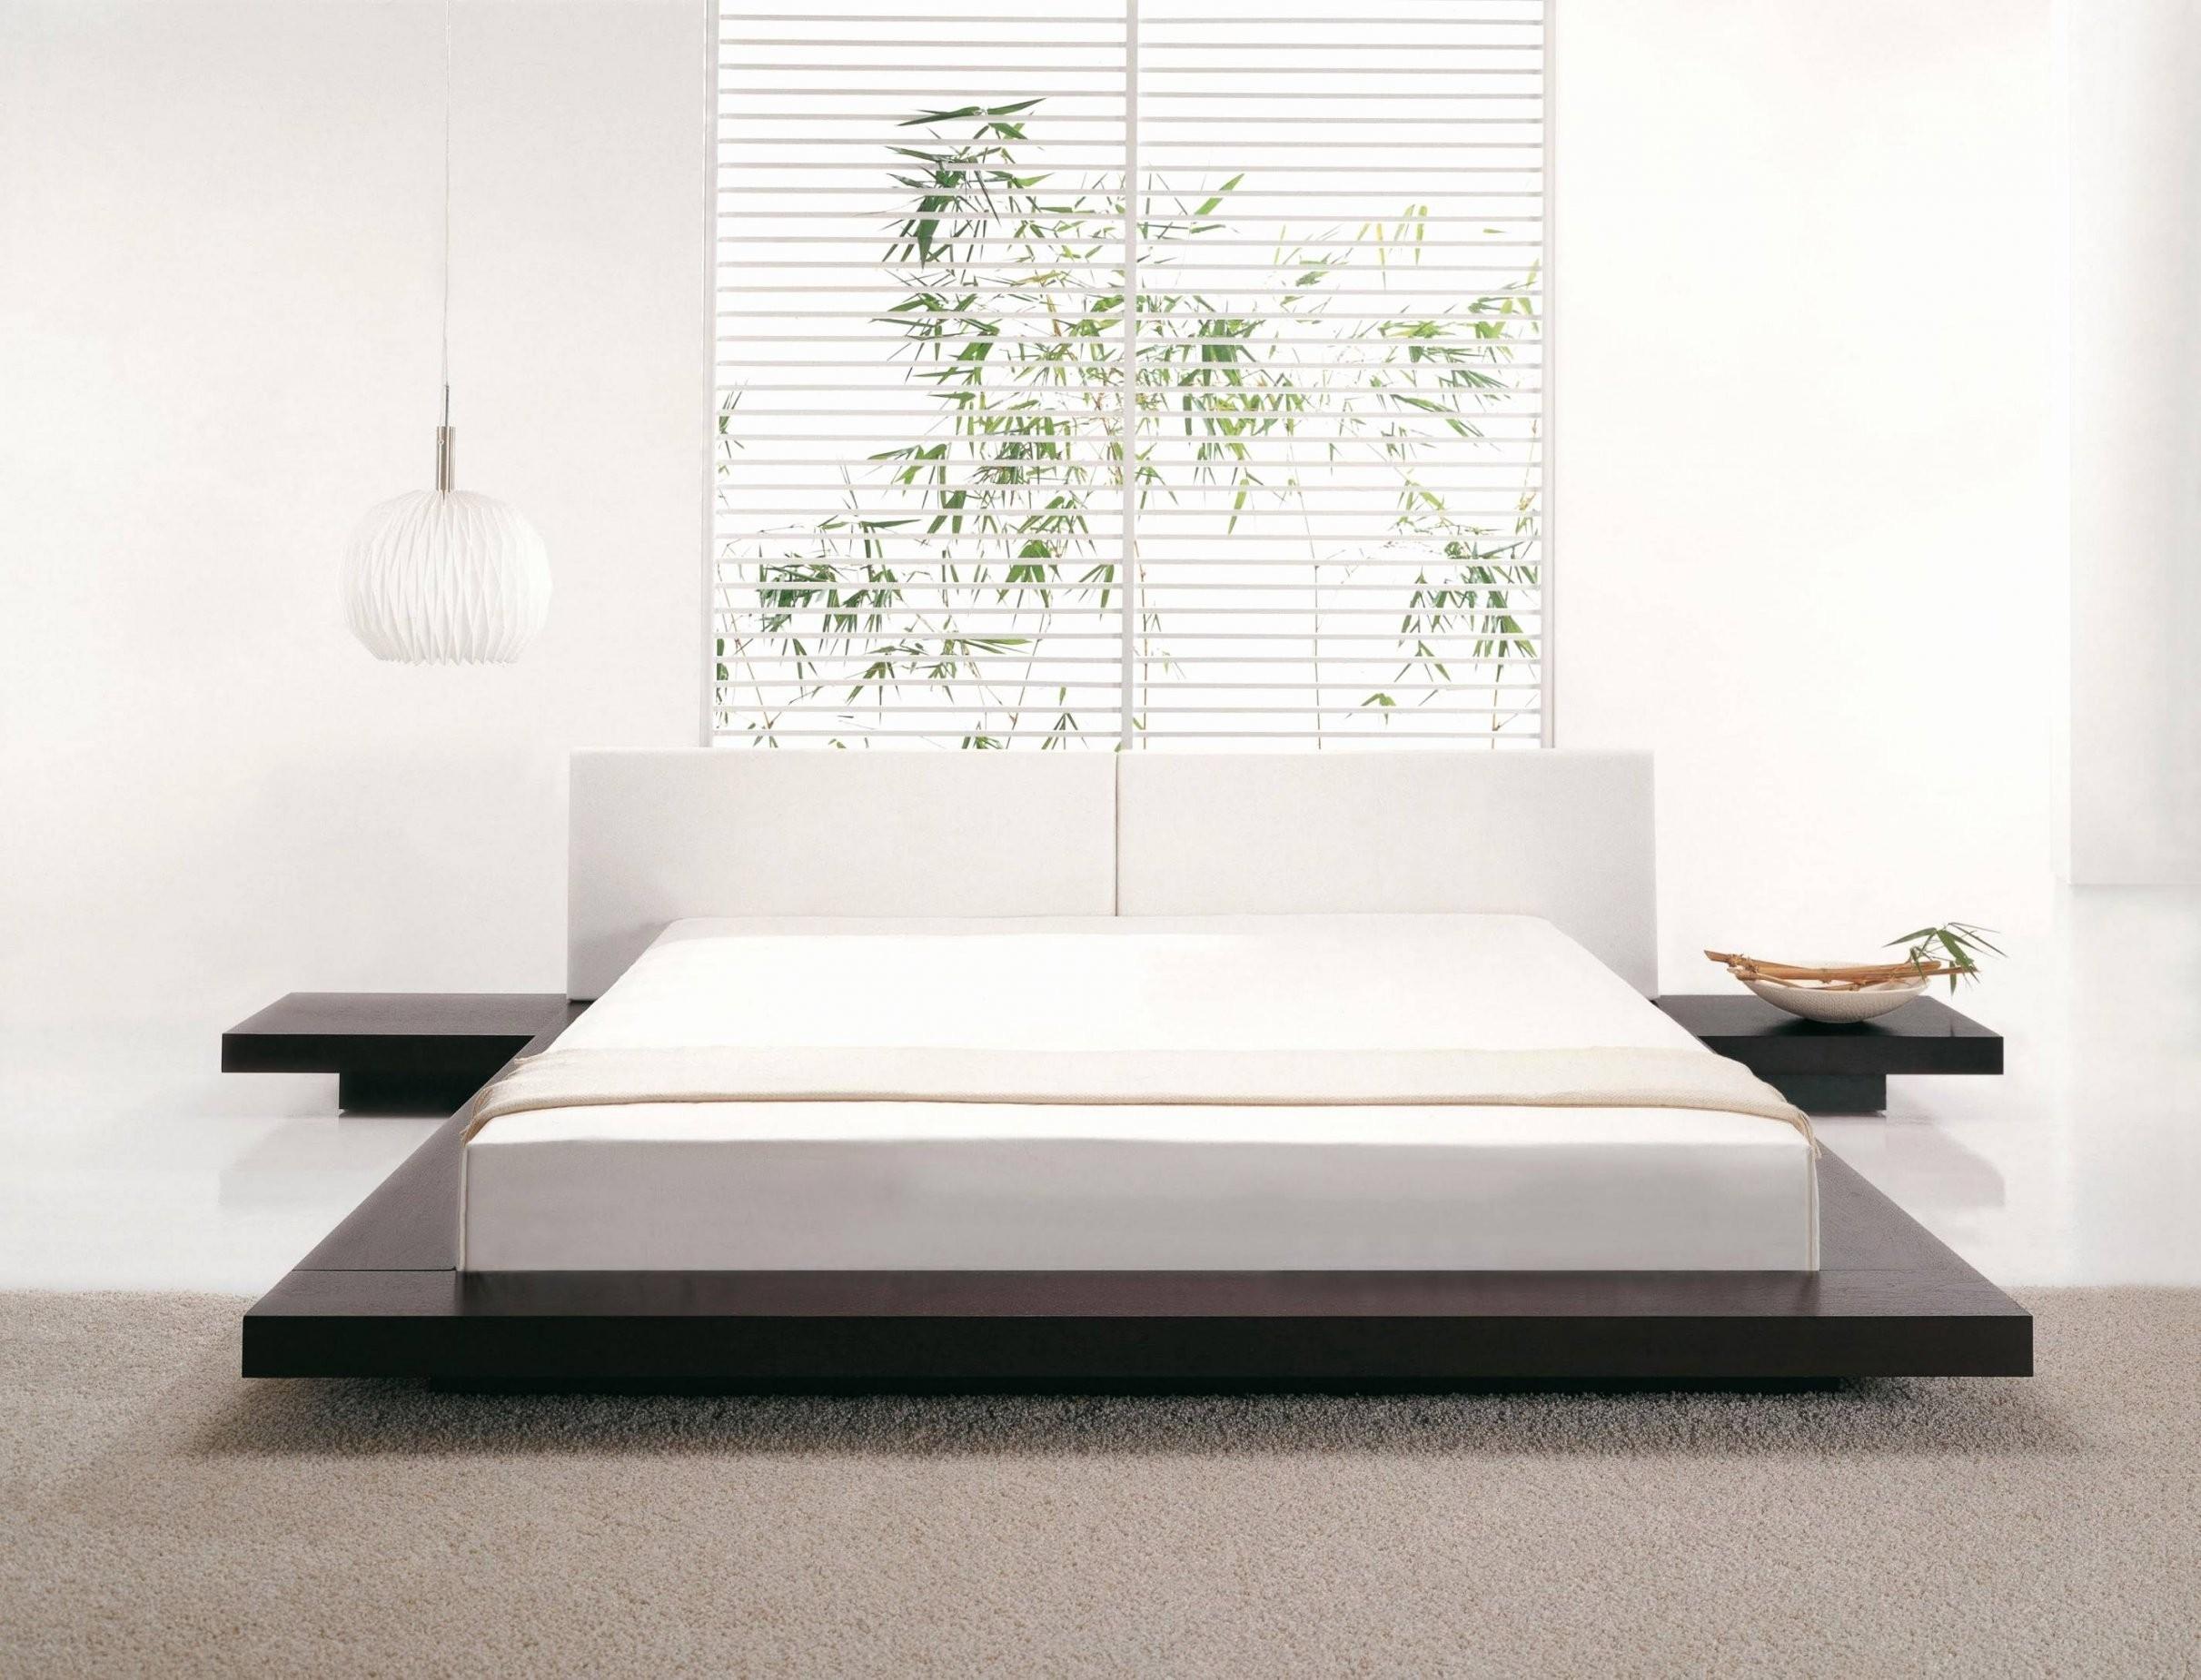 Ikea Jonas Desk Fresh Bett 180X200 Massivholz Bestevon Bett 180X200 von Bett 200X200 Ikea Photo